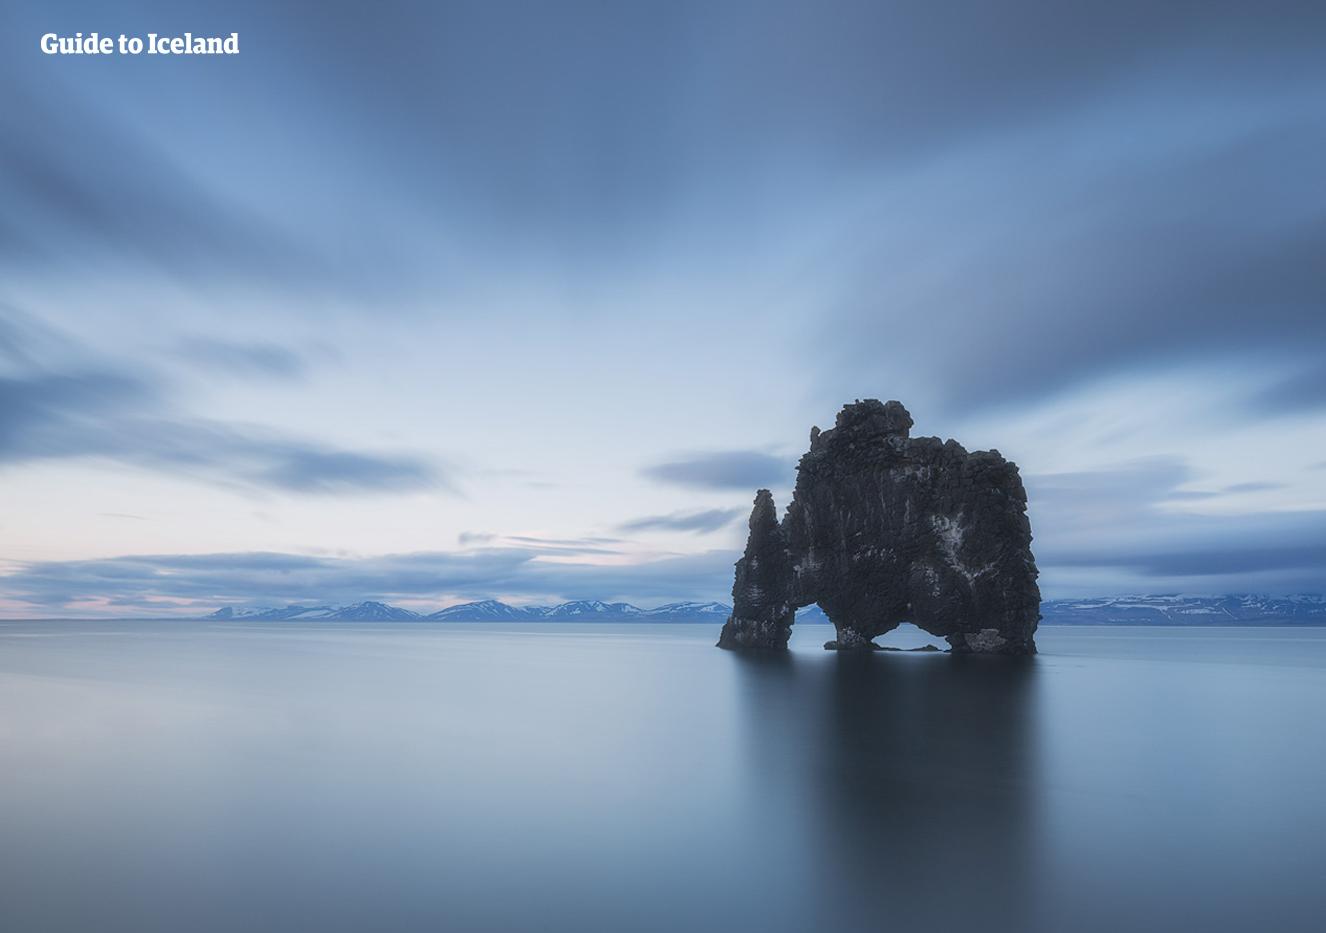 ชั้นหินทะเลฮวิทแซร์คูร์อันน่าประทับใจตั้งอยู่ในไอซ์แลนด์เหนือ.